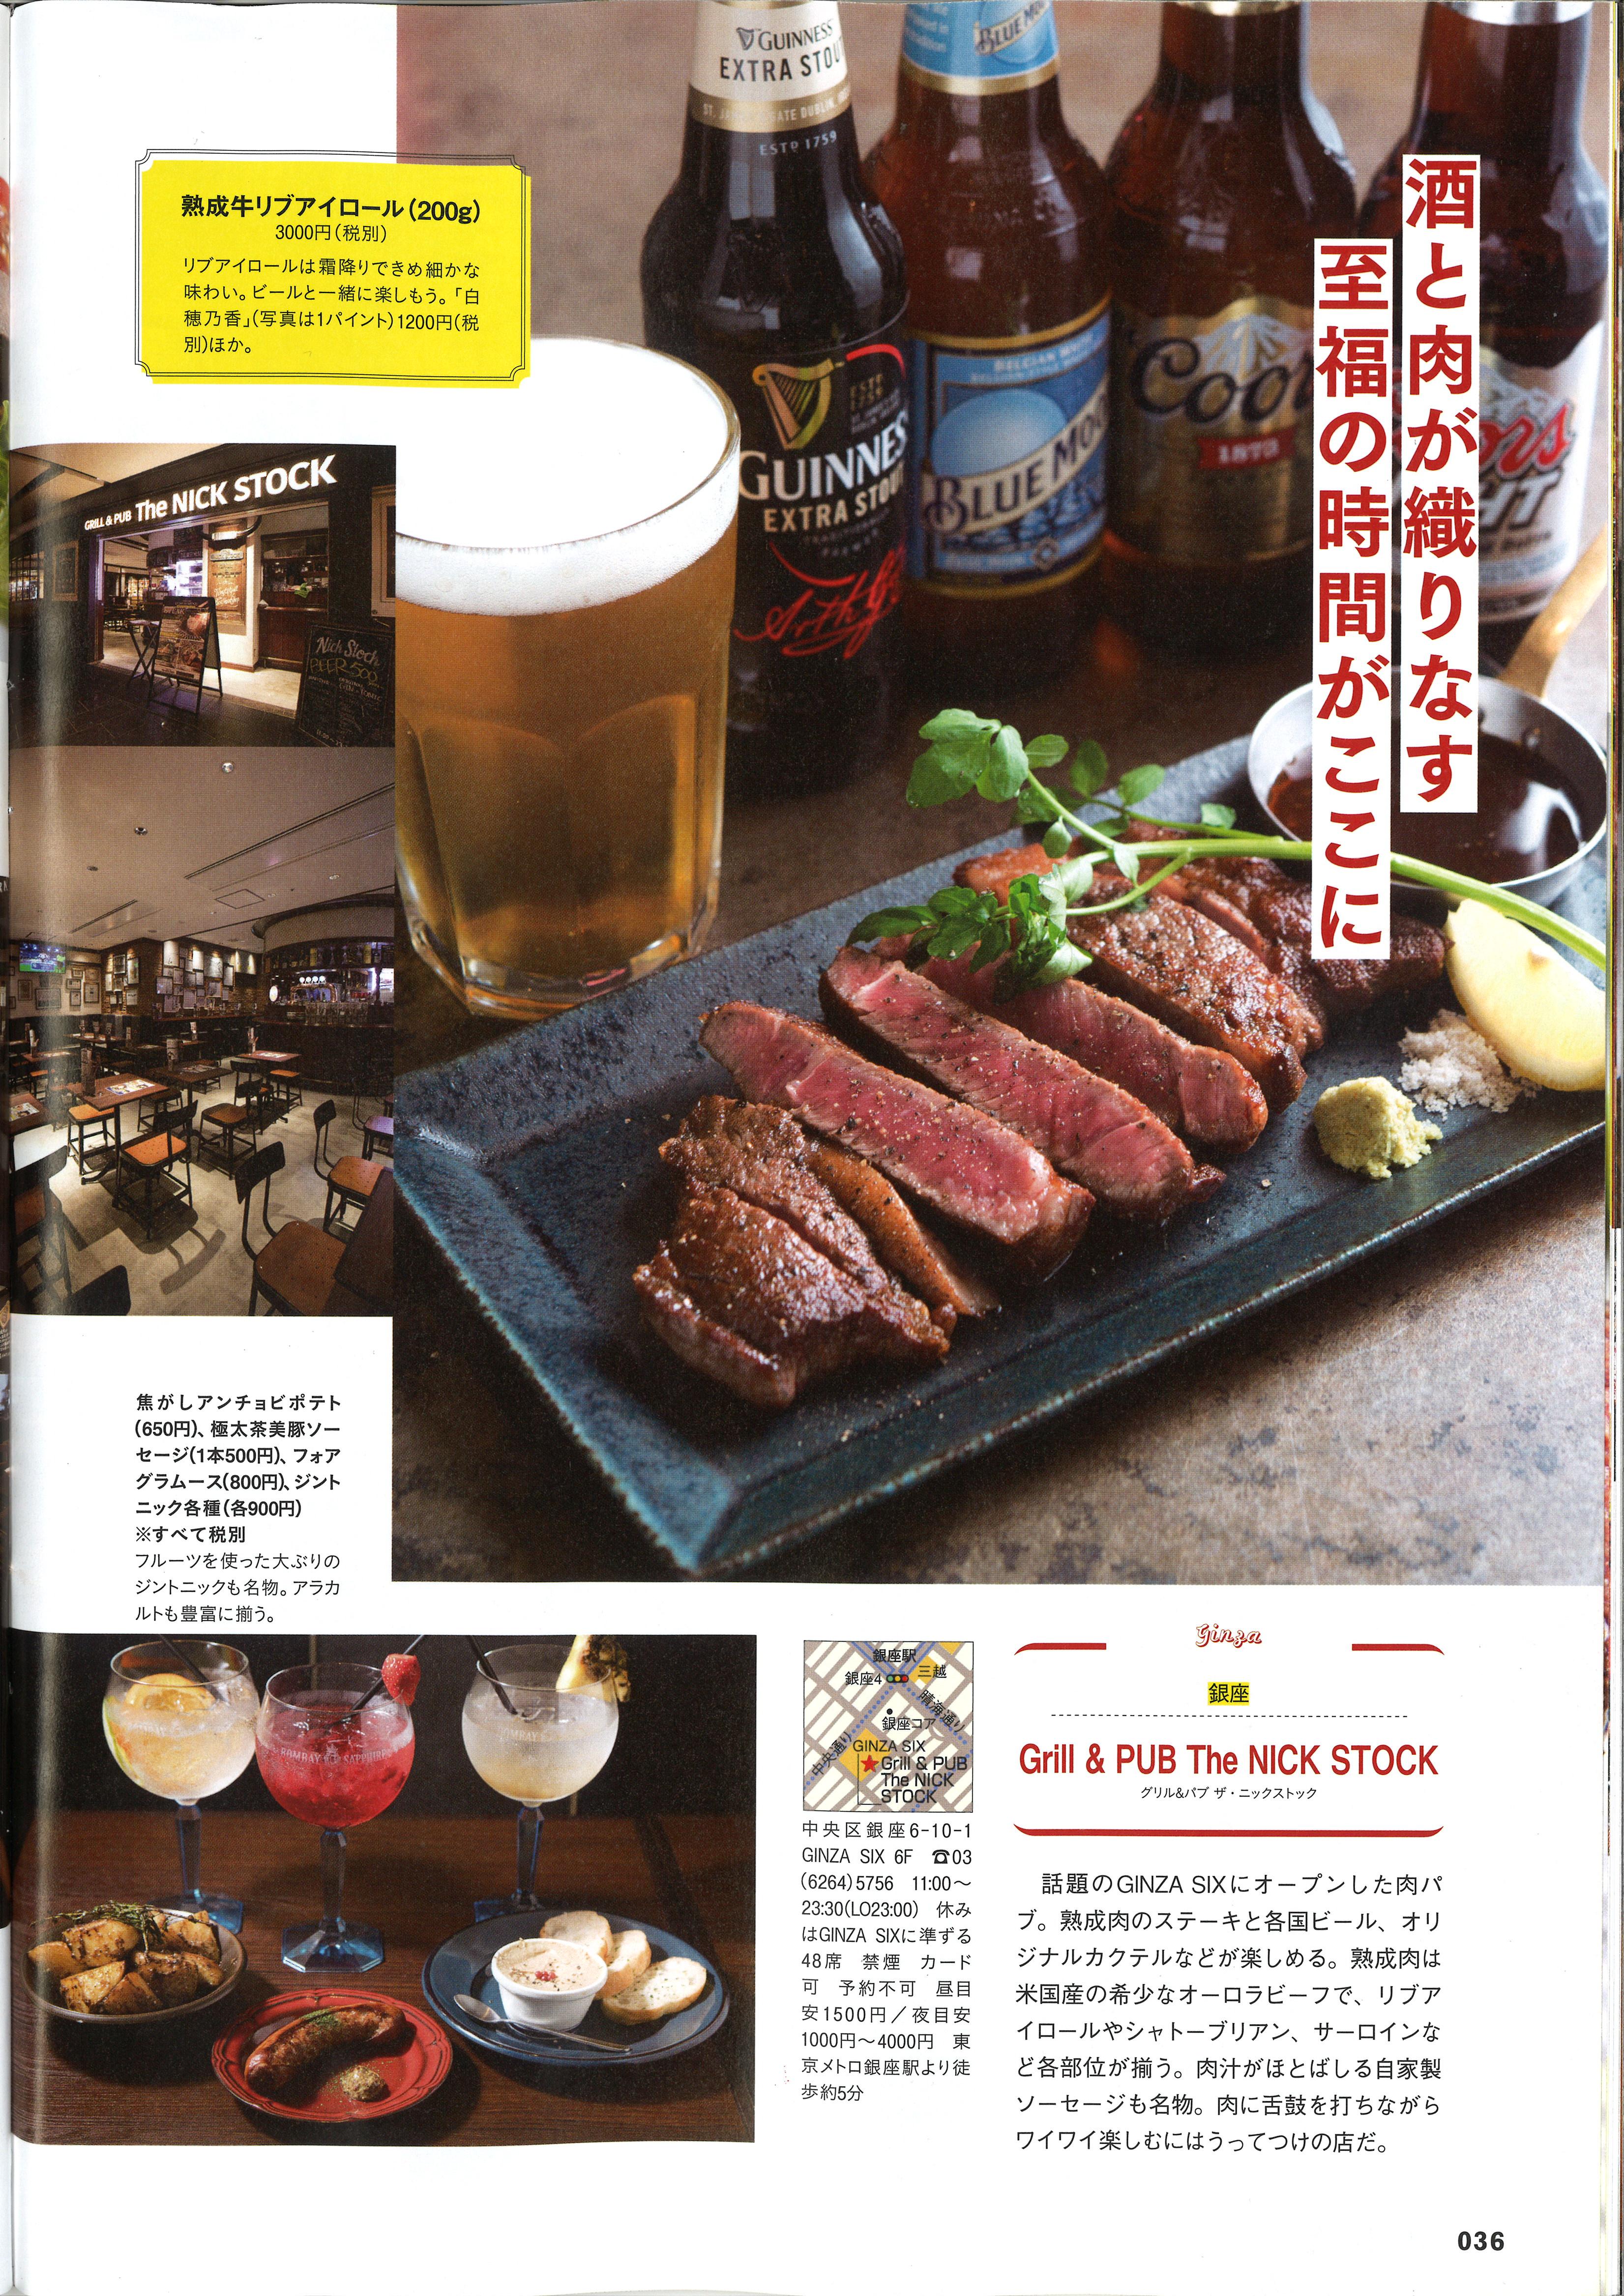 170701おいしい肉の店(TheNS)_ページ_2